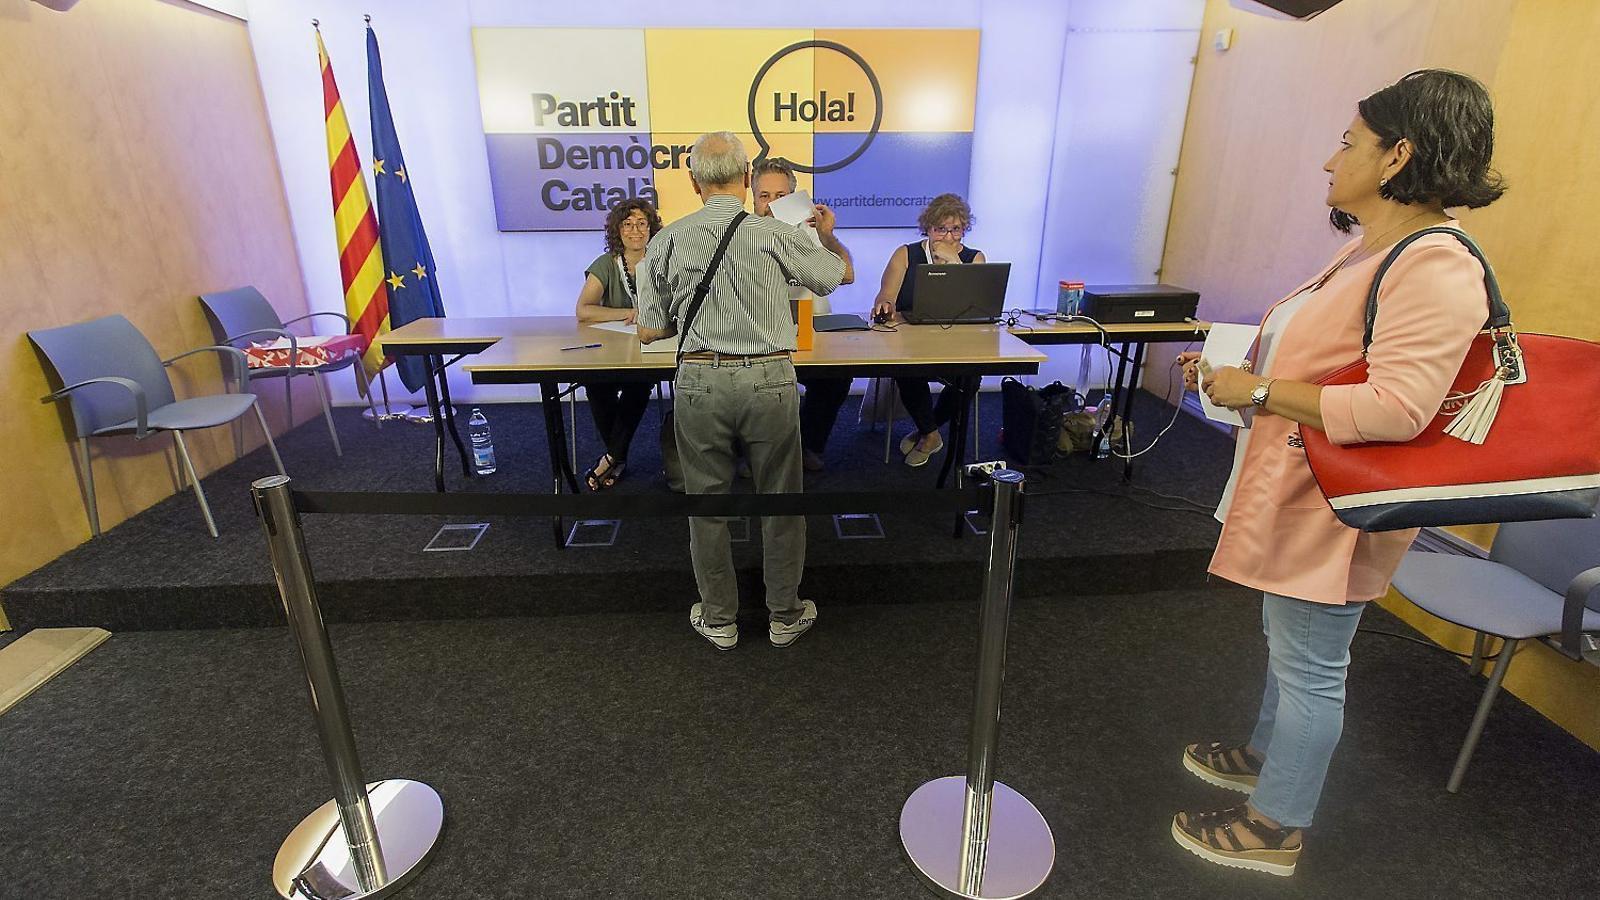 La militància de CDC va triar denominar-se Partit Demòcrata Català després de rebutjar els noms plantejats per la direcció.